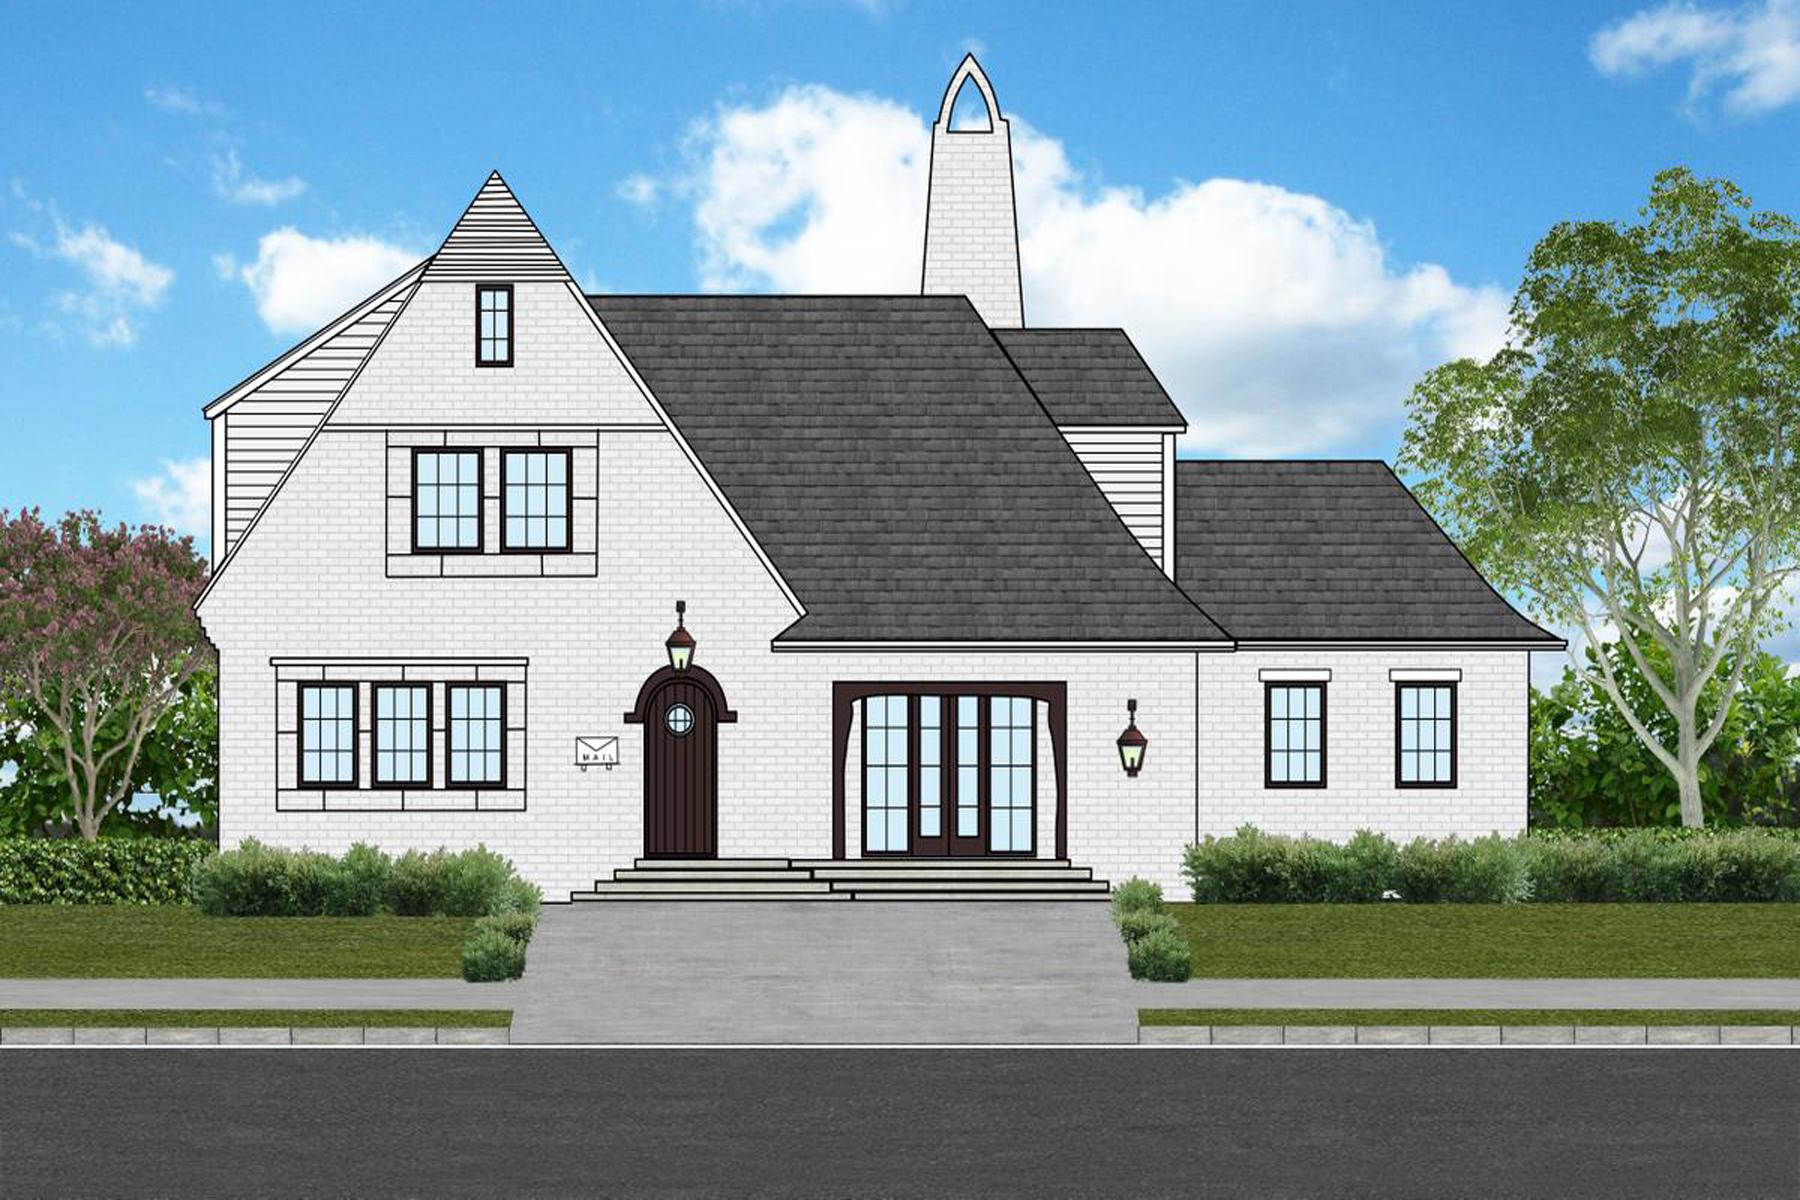 Частный односемейный дом для того Продажа на Beautiful New European Style Home 1416 Katherine Rose Lane Smyrna, Джорджия 30080 Соединенные Штаты